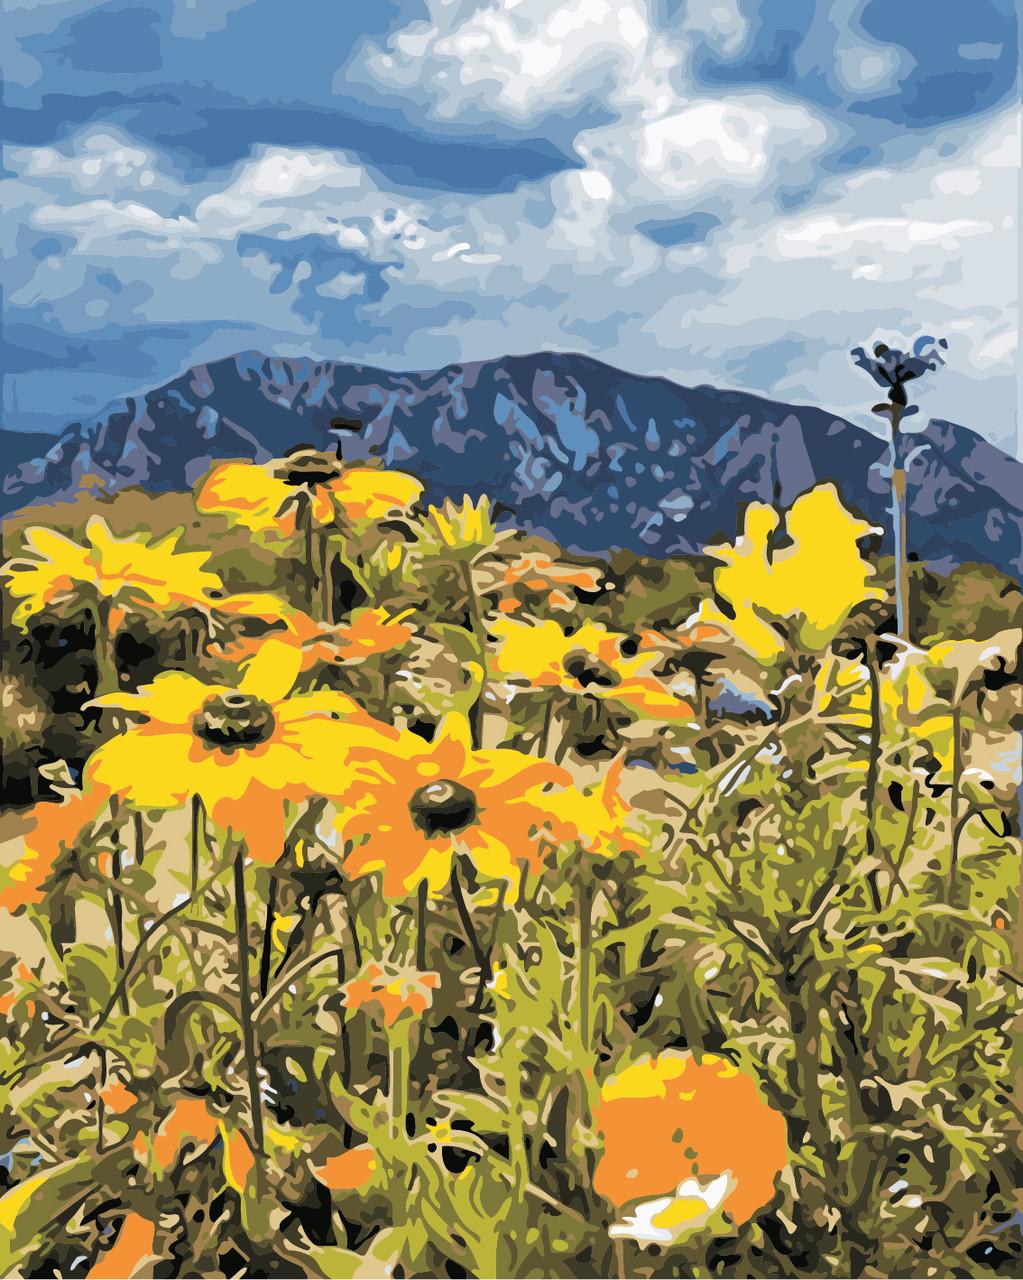 AS0865 Набор для рисования по номерам Весна в горах, В картонной коробке